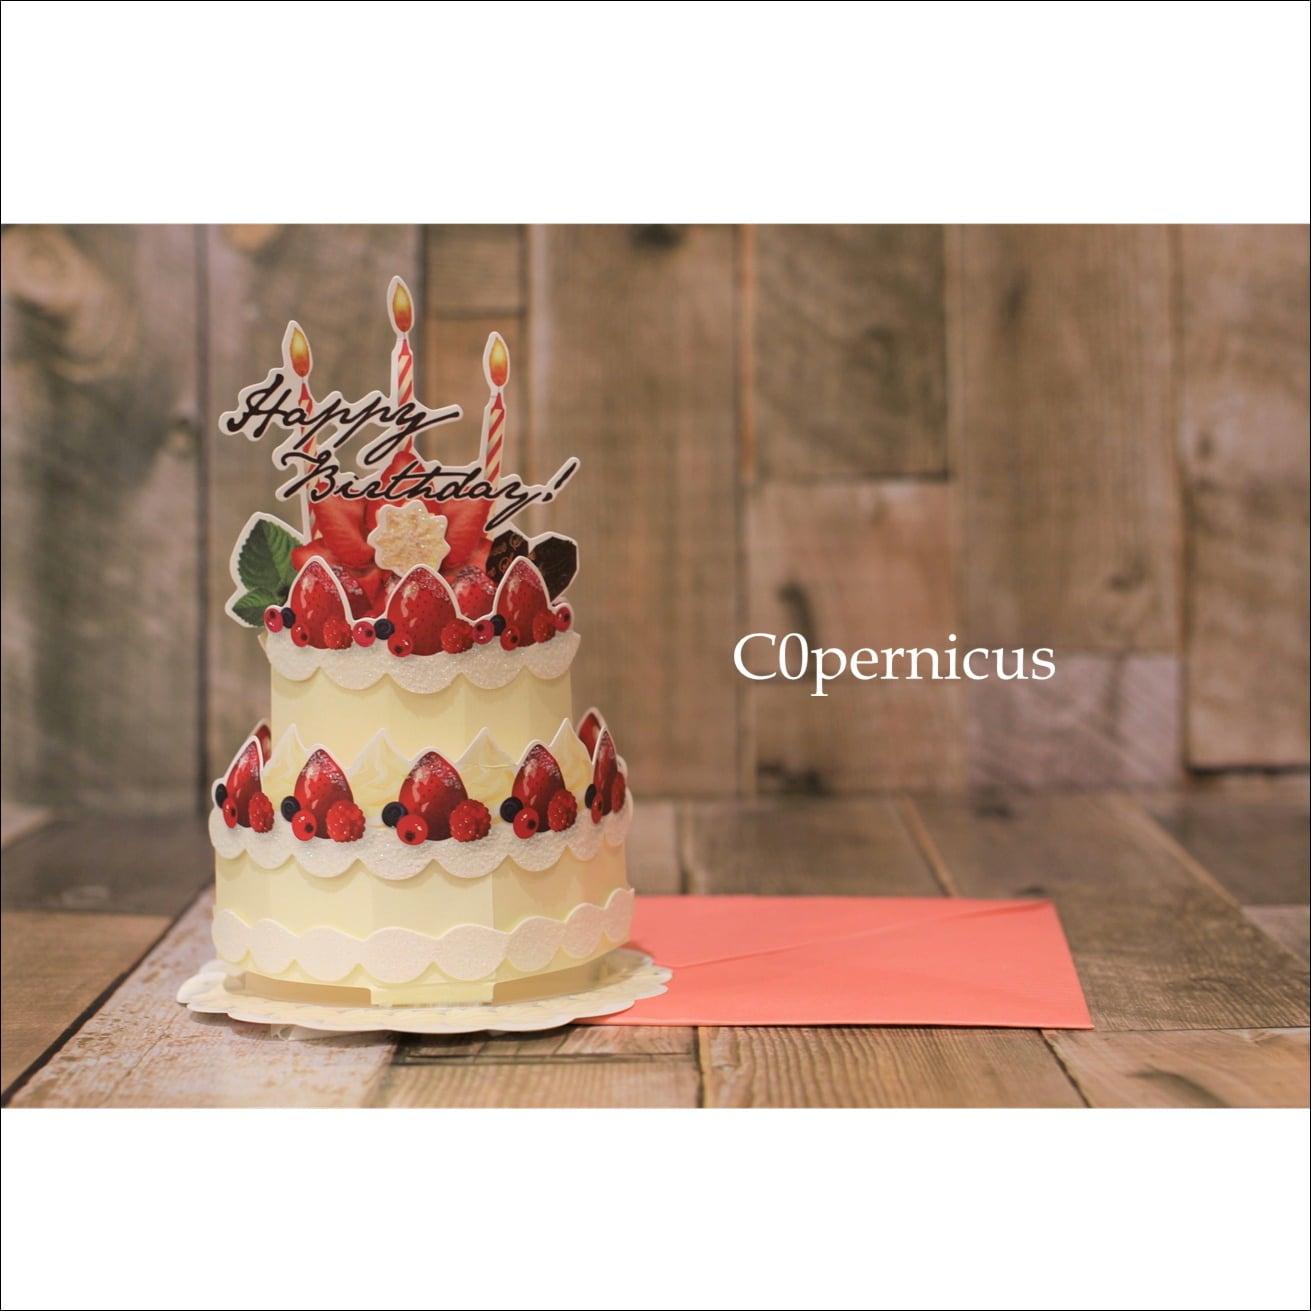 バースデーカード birthdaycard 【グリーティングカード】バースデーケーキ 浜松雑貨屋C0pernicus